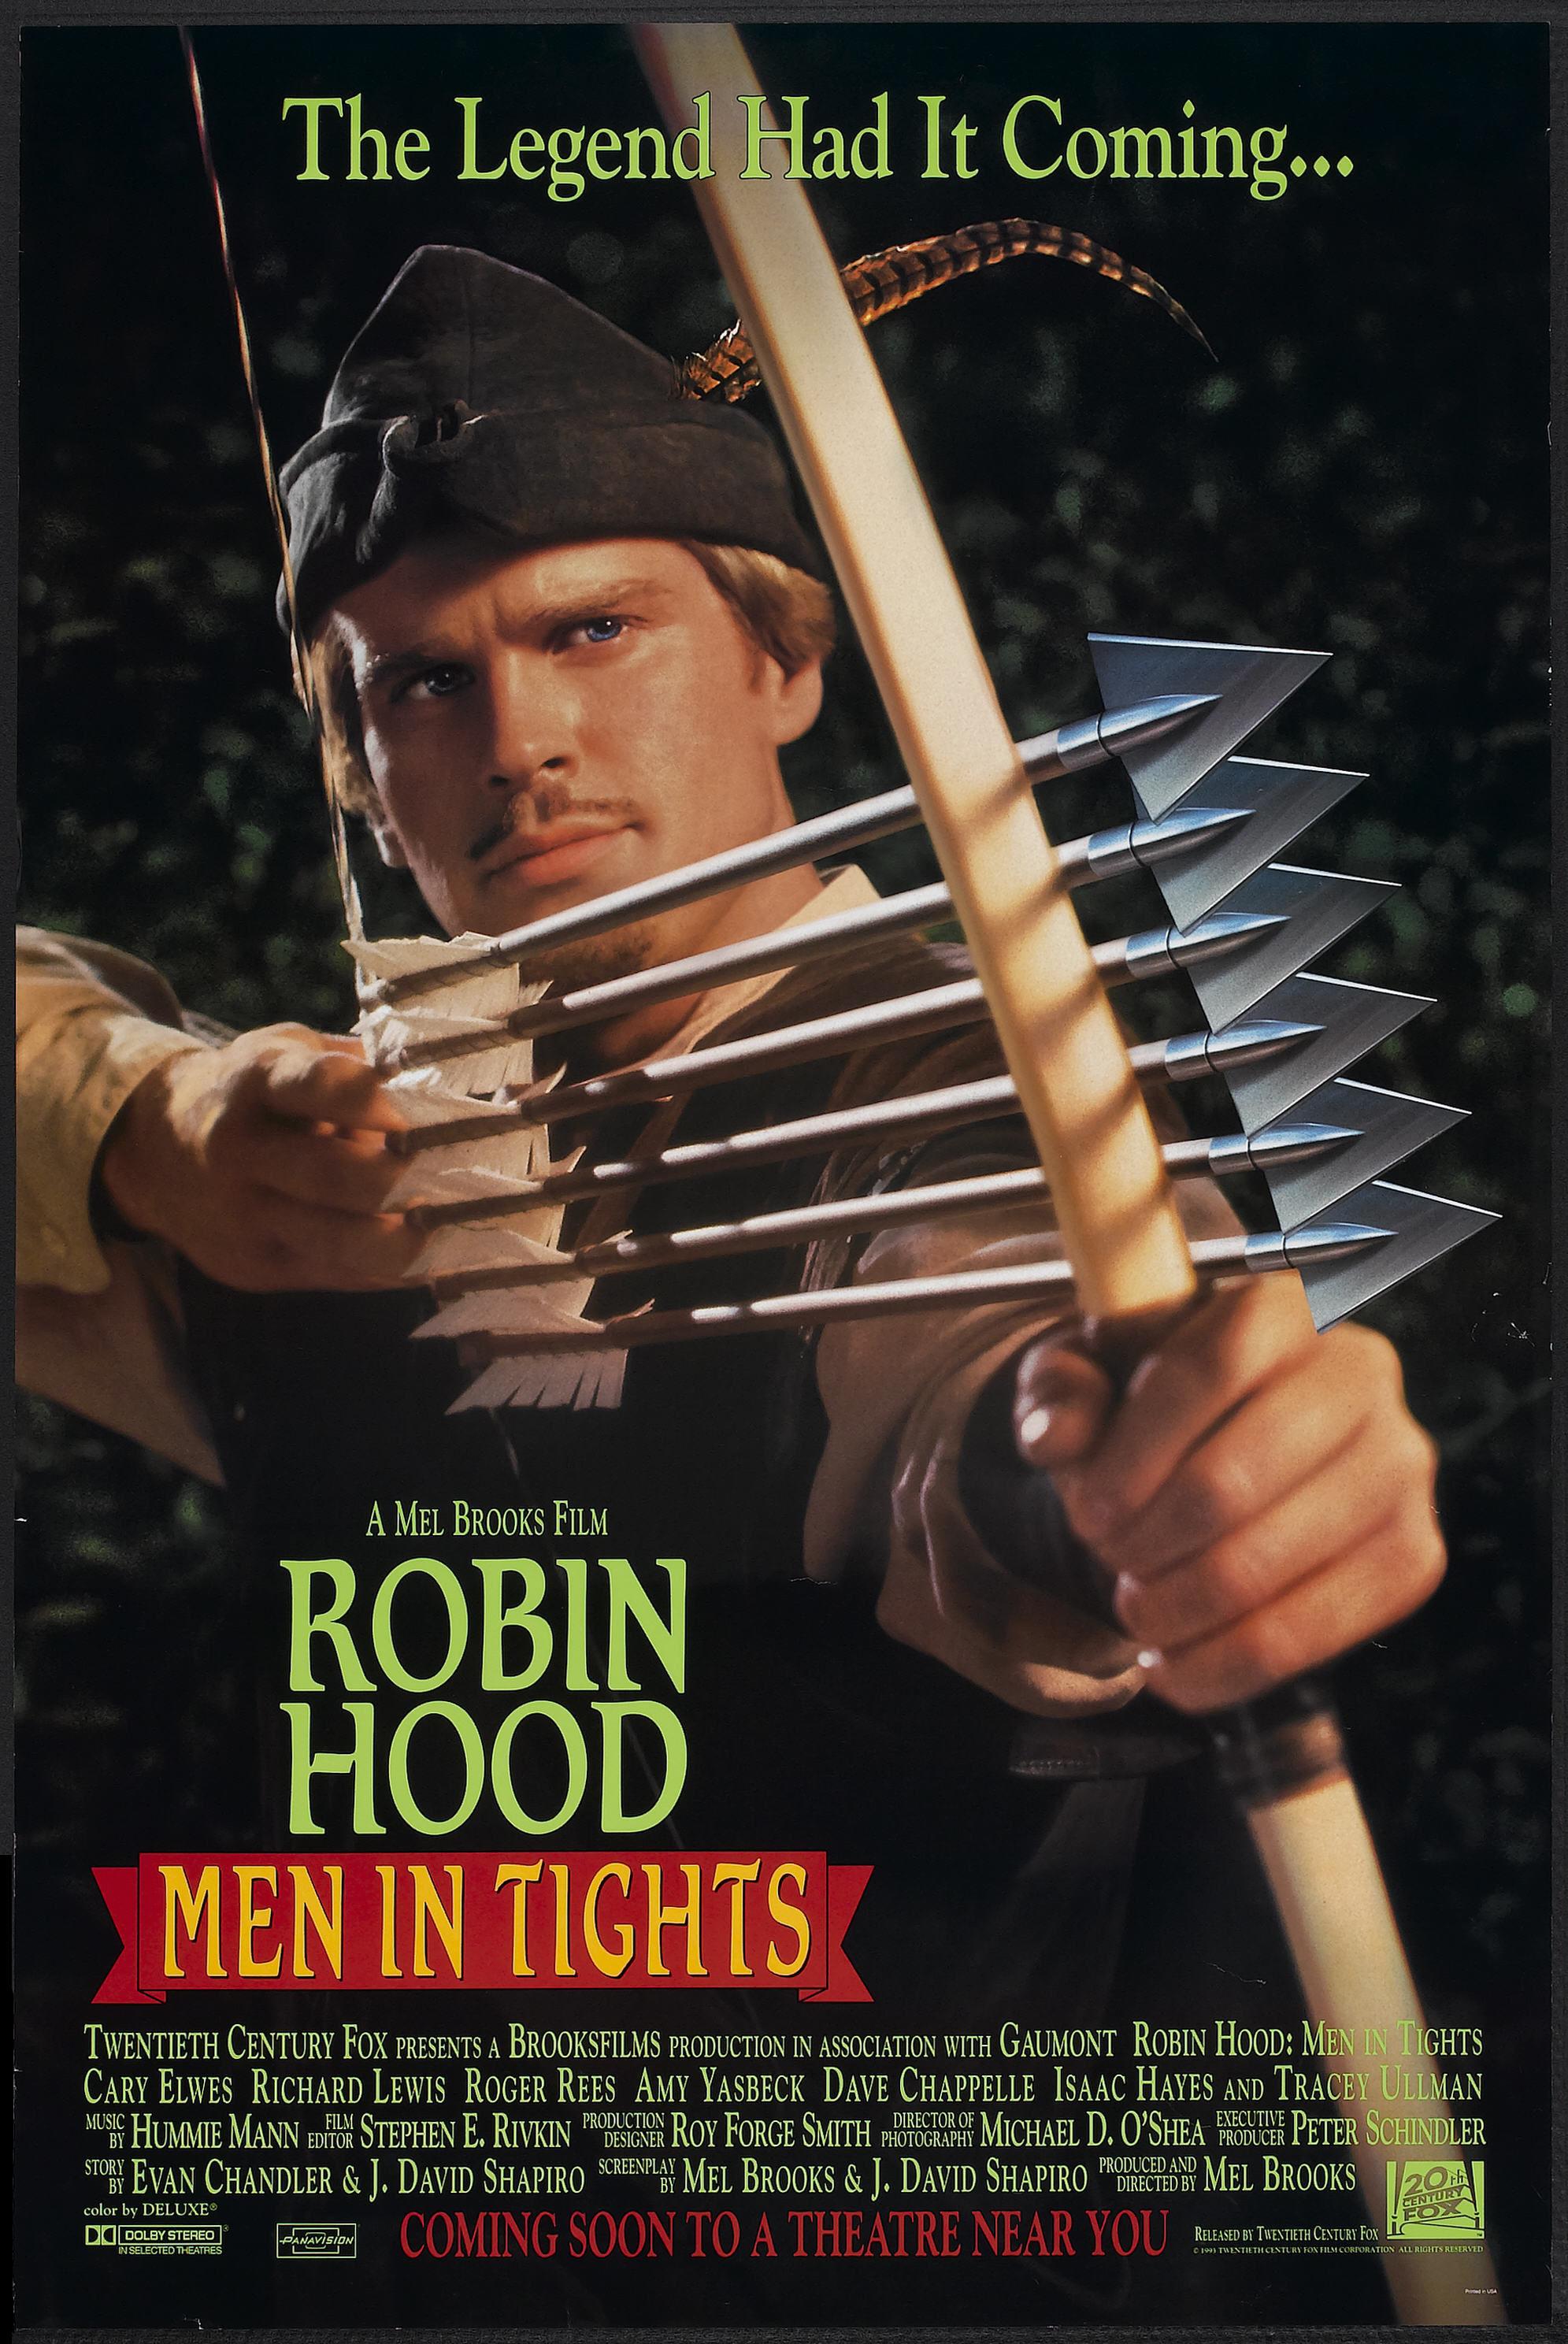 плакат фильма Робин Гуд: Мужчины в трико